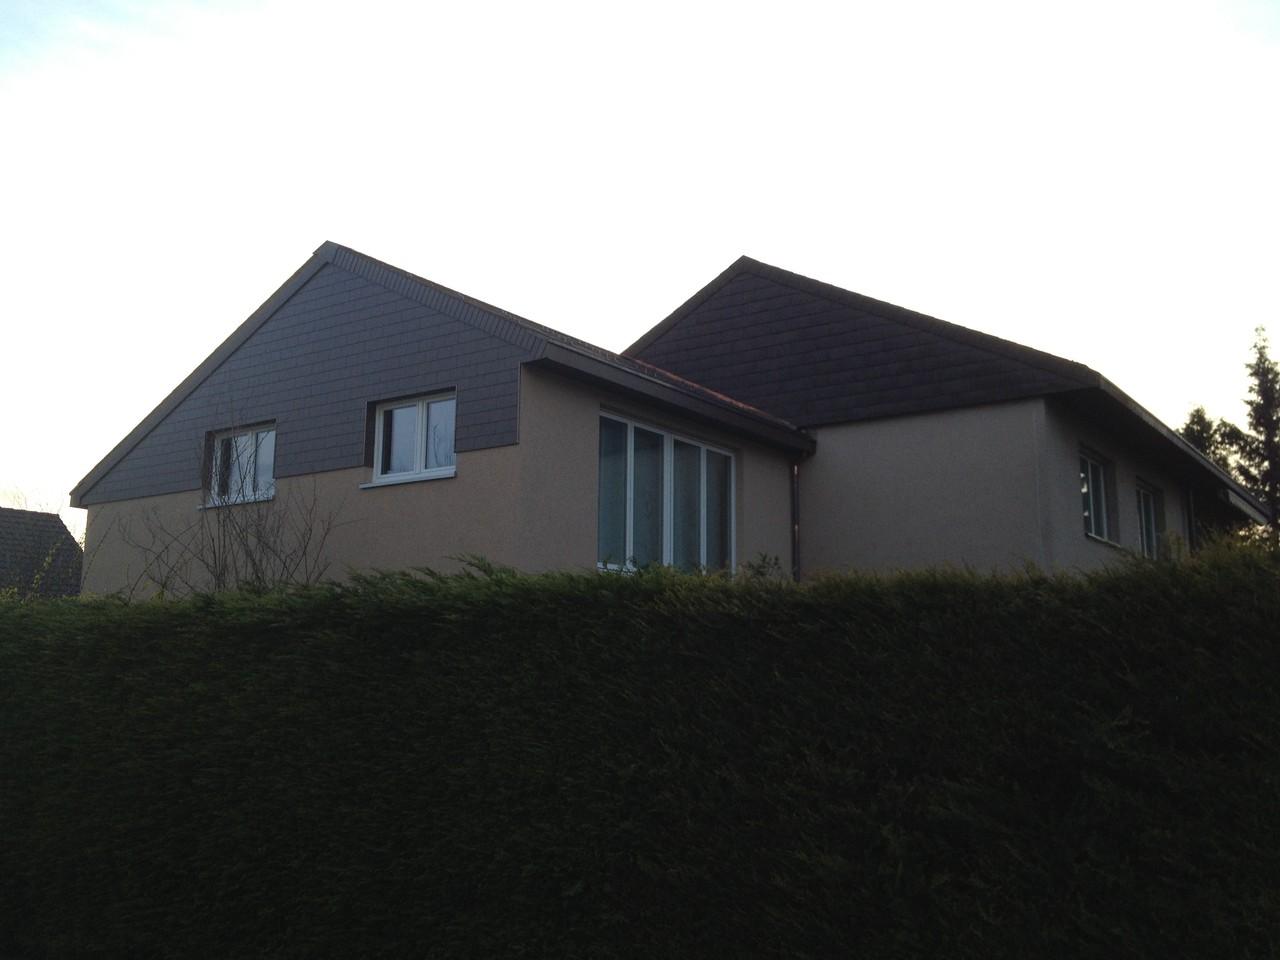 Anbau an bestehendes Haus